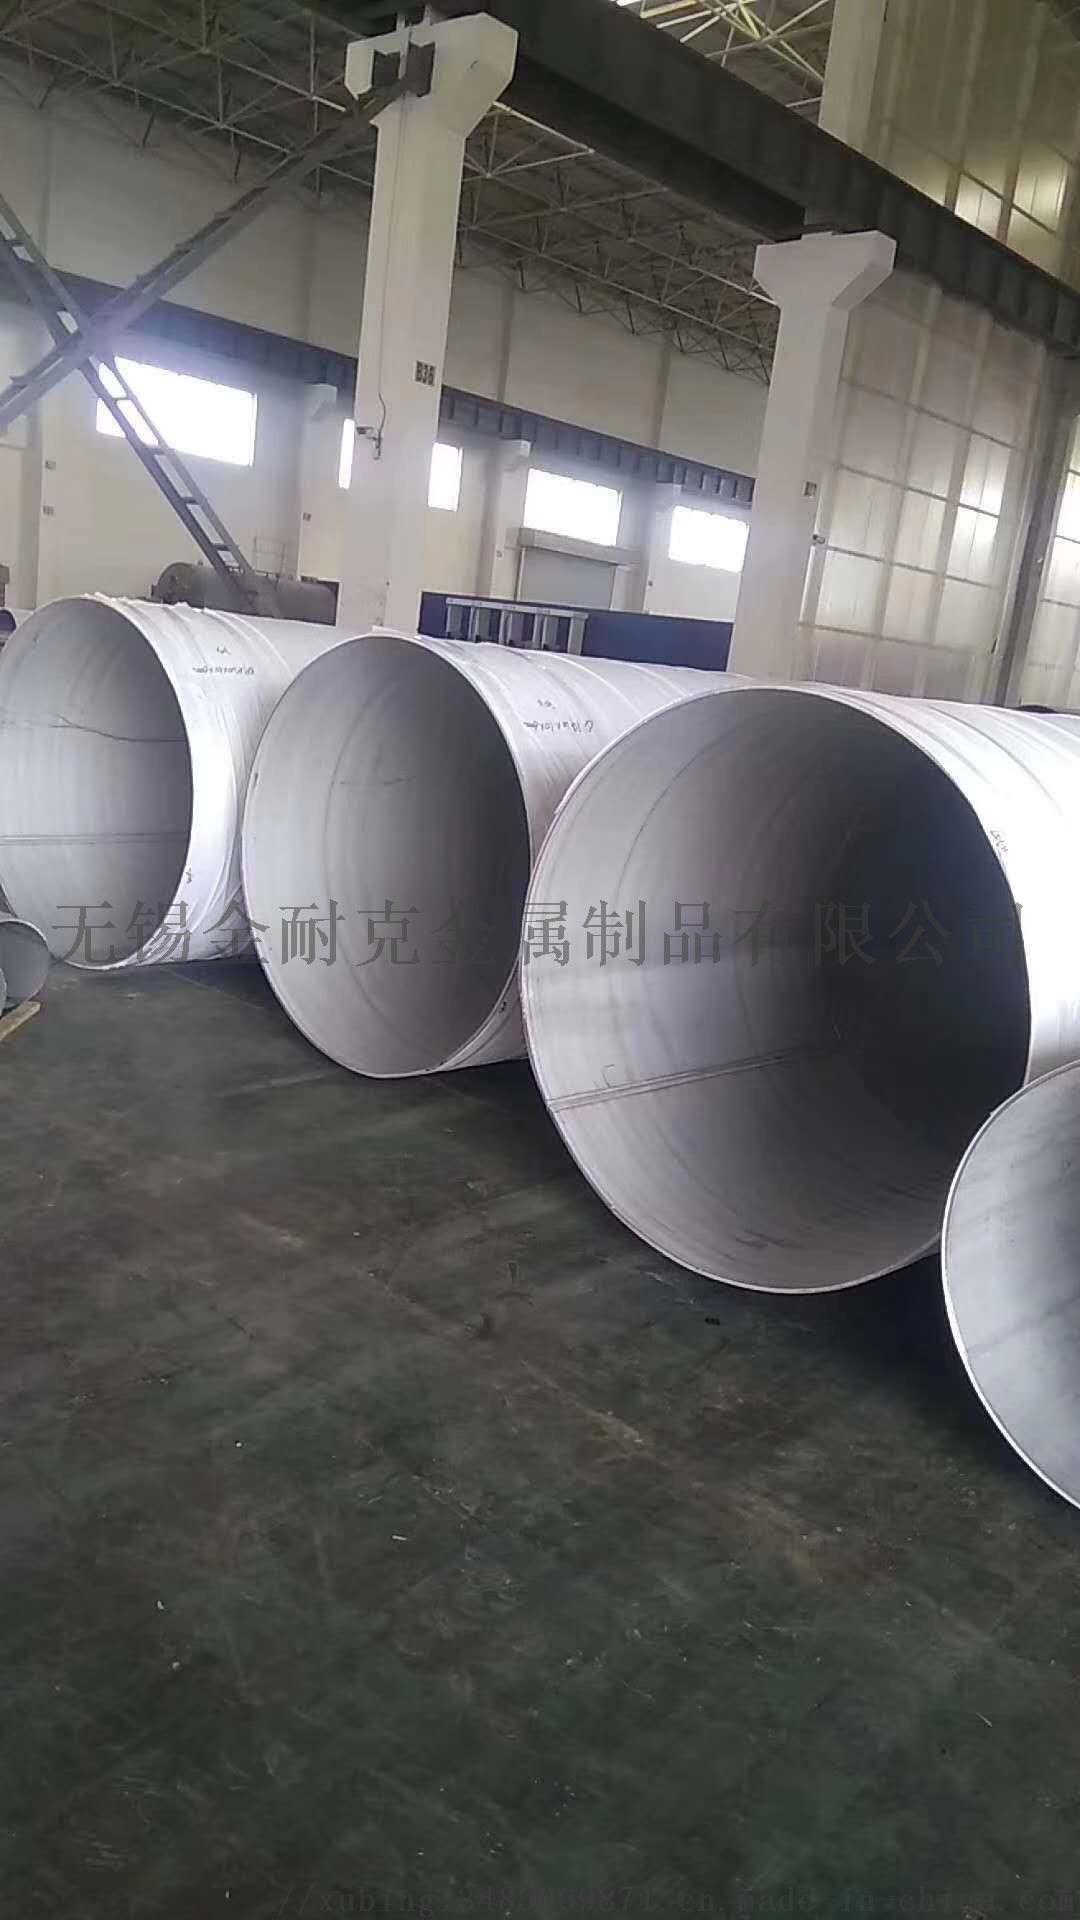 机械制造耐高温性**大口径201不锈钢焊管抛光126327192